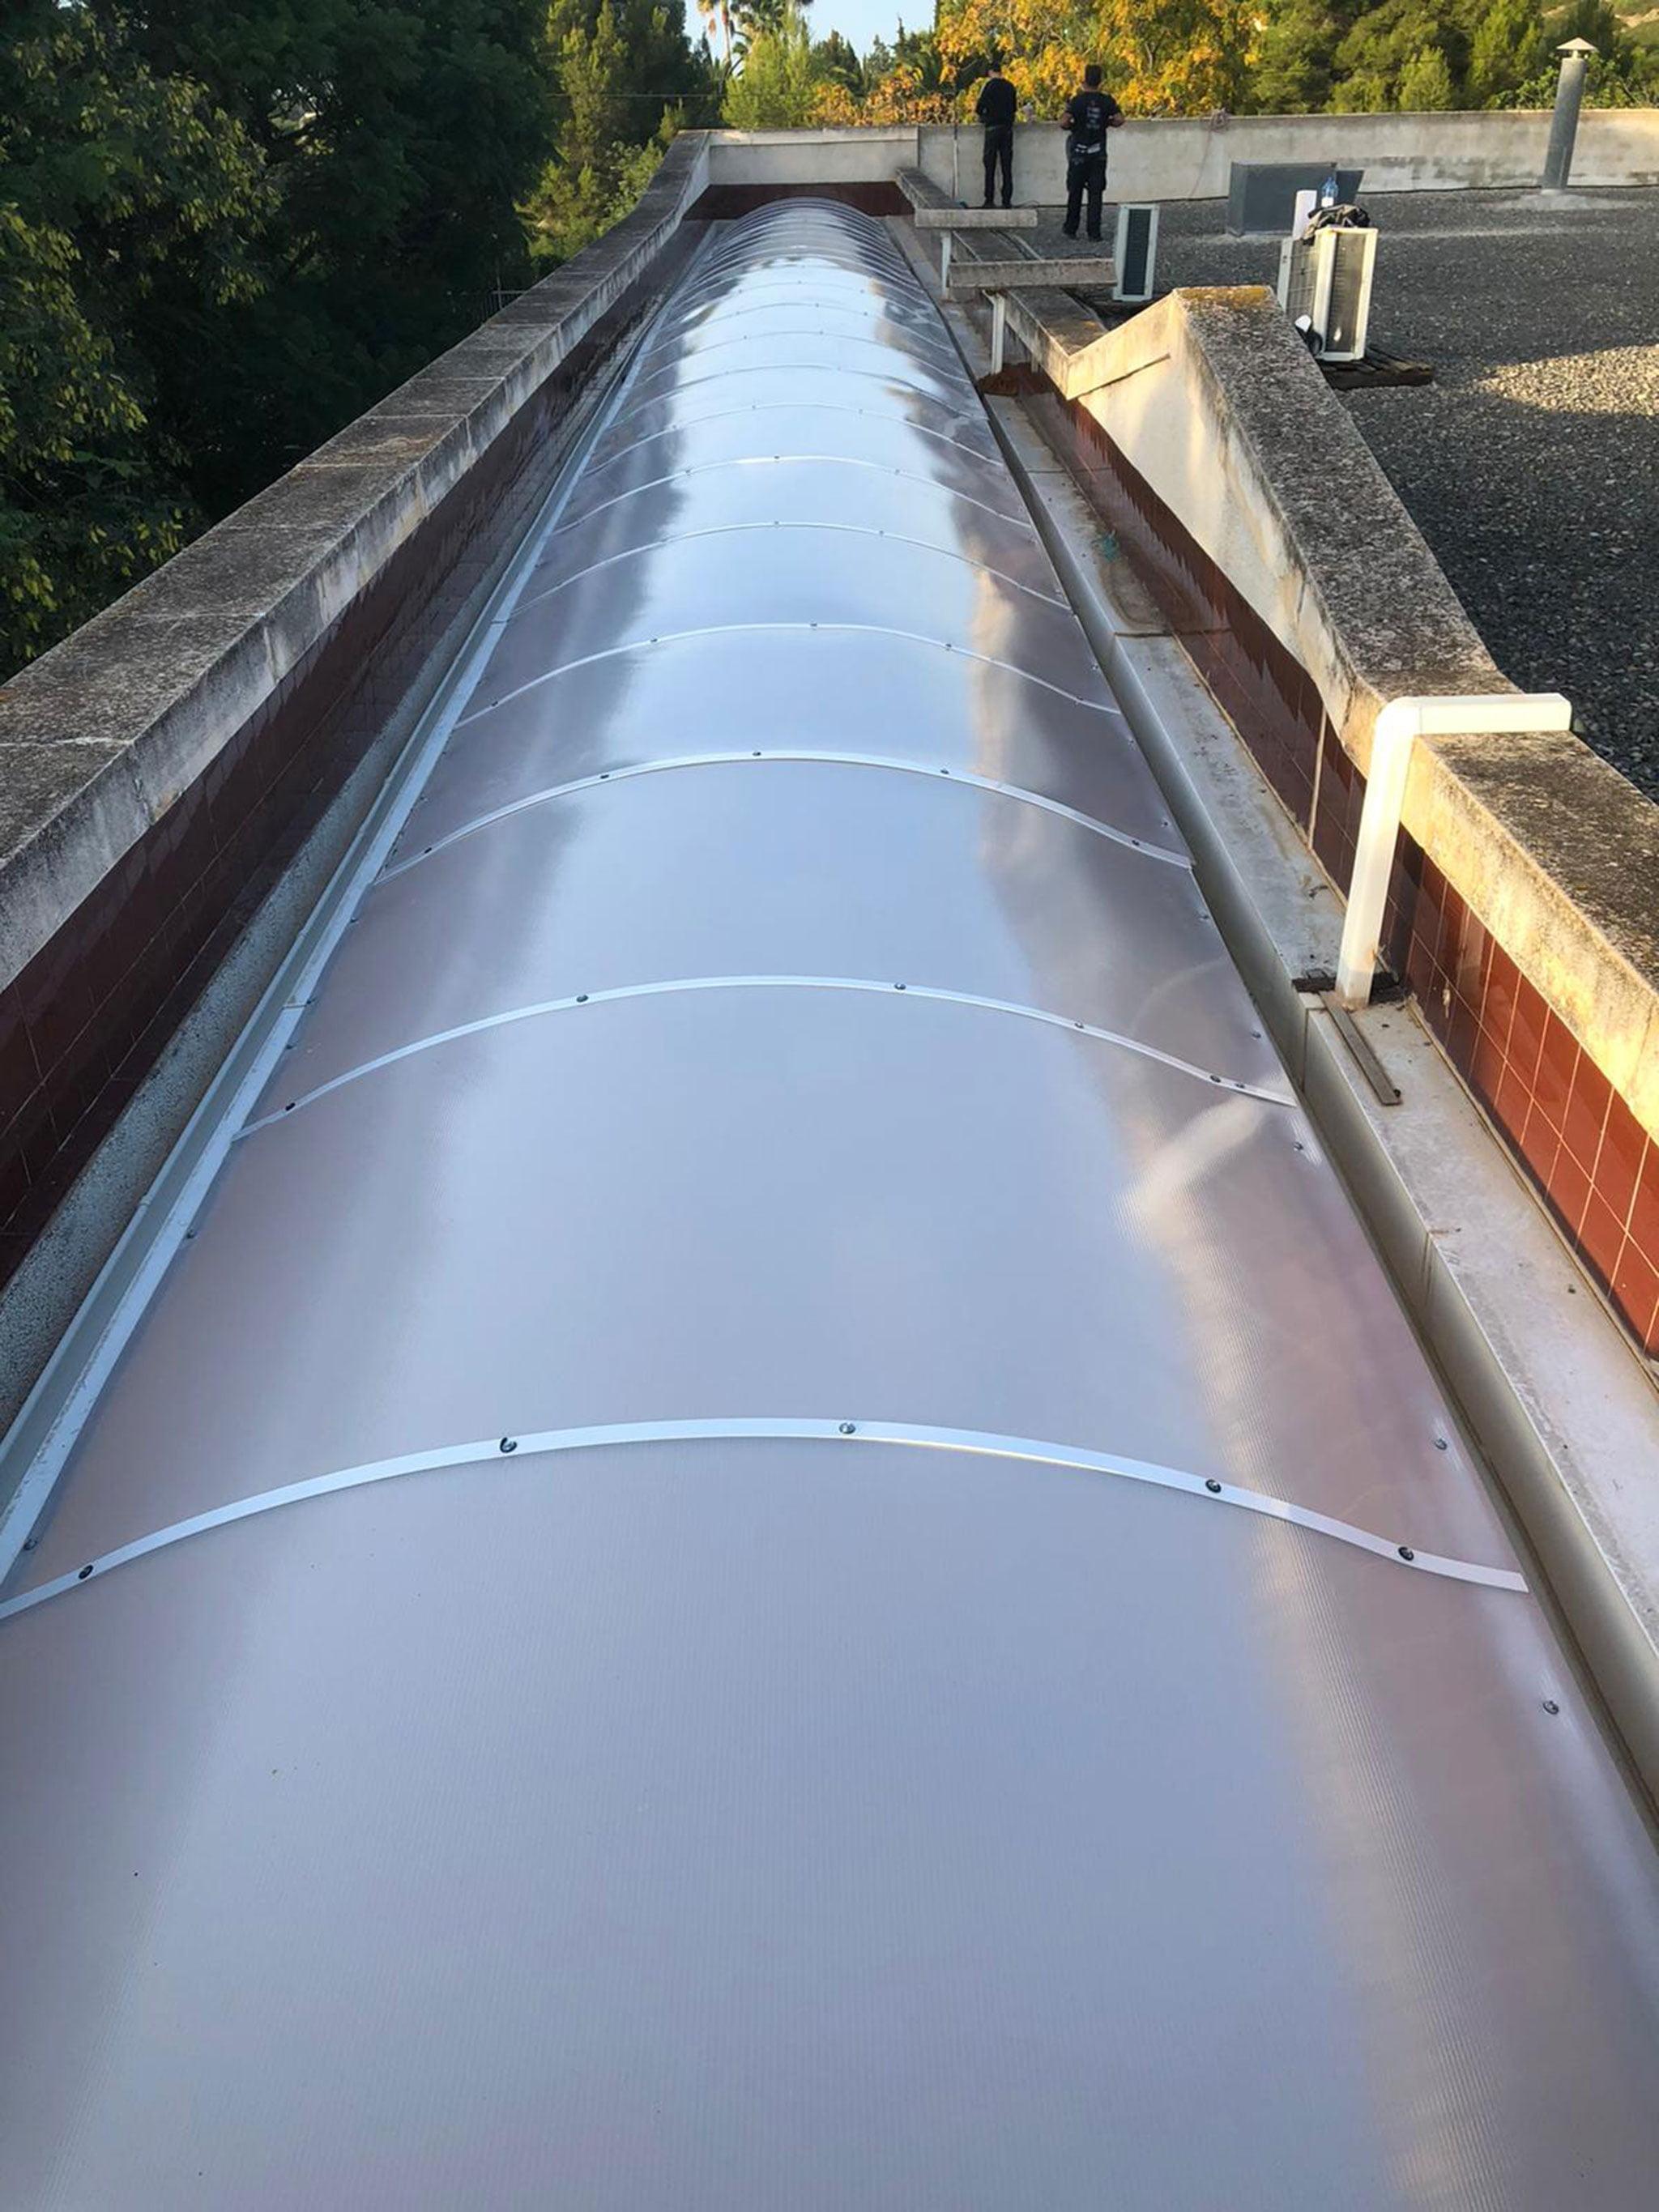 Vista general de un techo fijo con forma de cúpula – Alucardona Pvc y Aluminios, S.L.